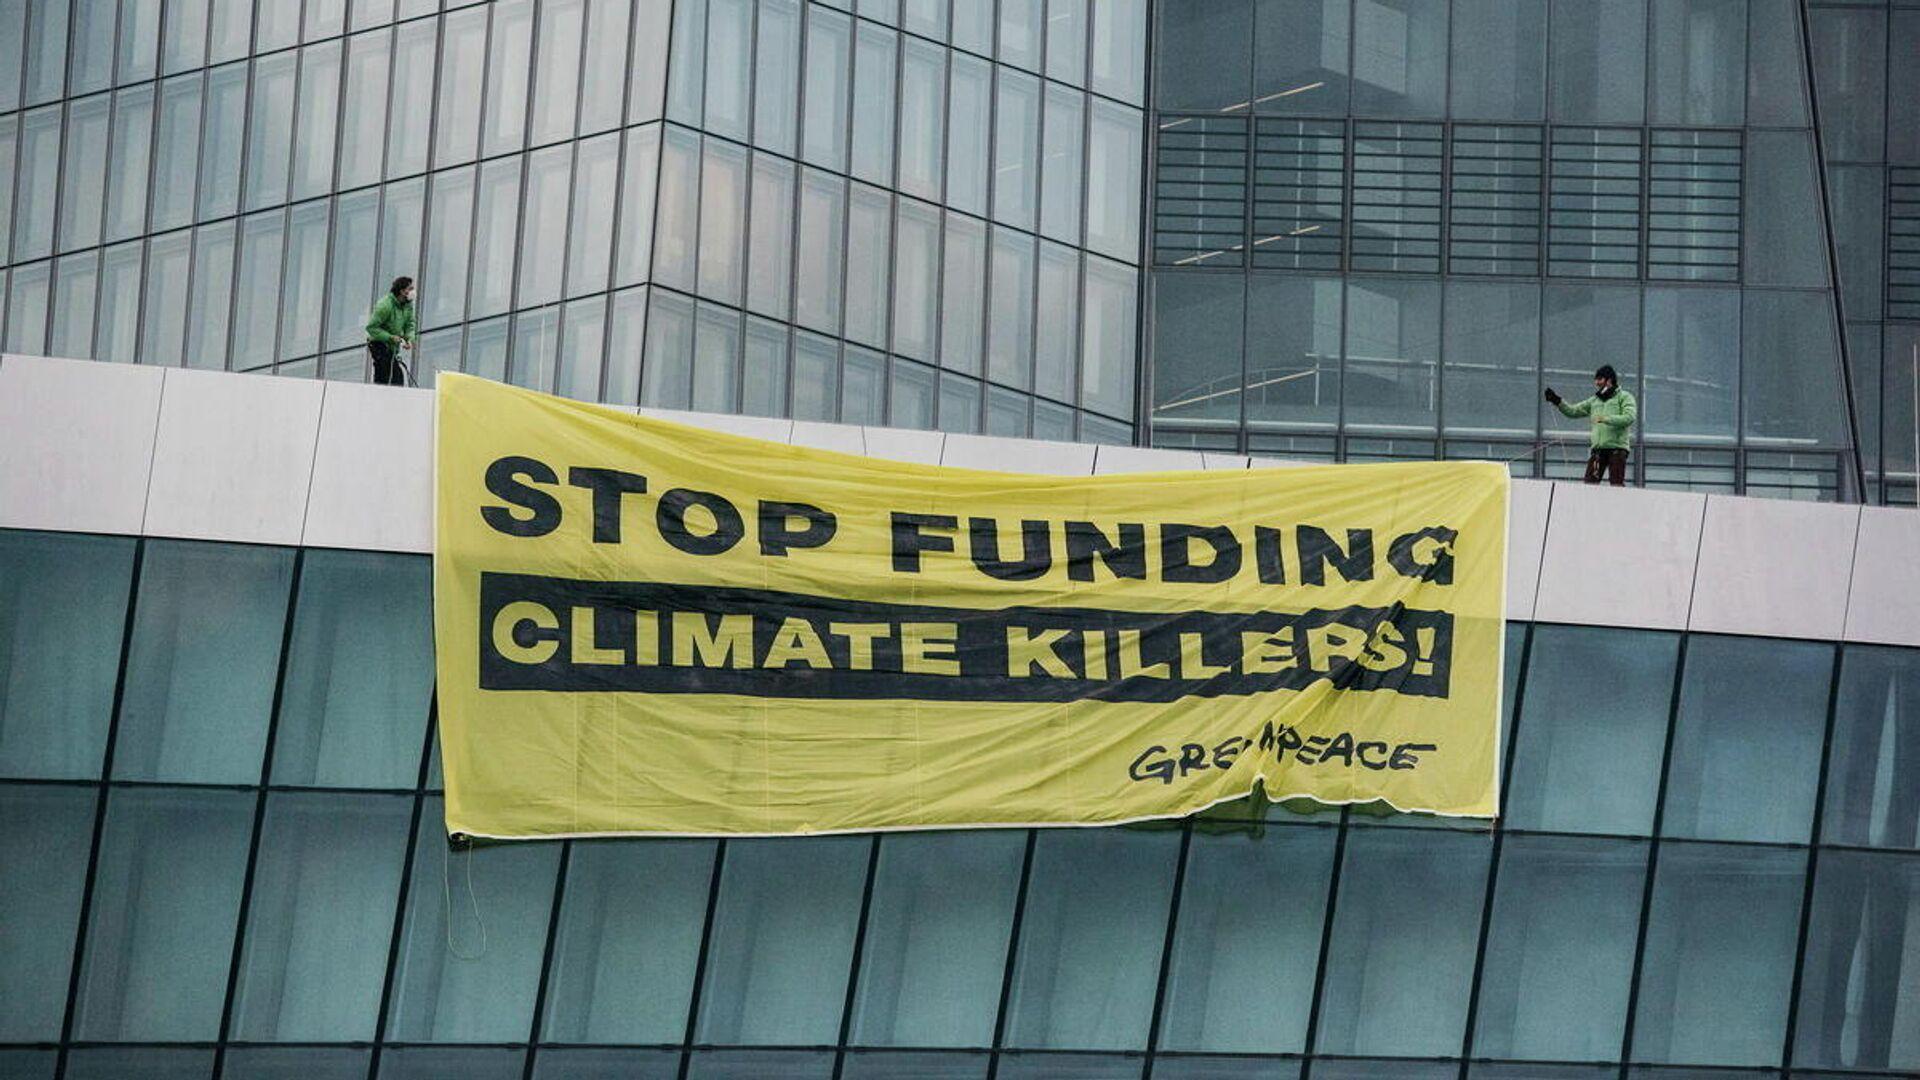 Klimaprotest von Greenpeace-Aktivisten auf dem Gebäude der Europäischen Zentralbank (EZB). Frankfurt 10. März 2021 - SNA, 1920, 10.03.2021